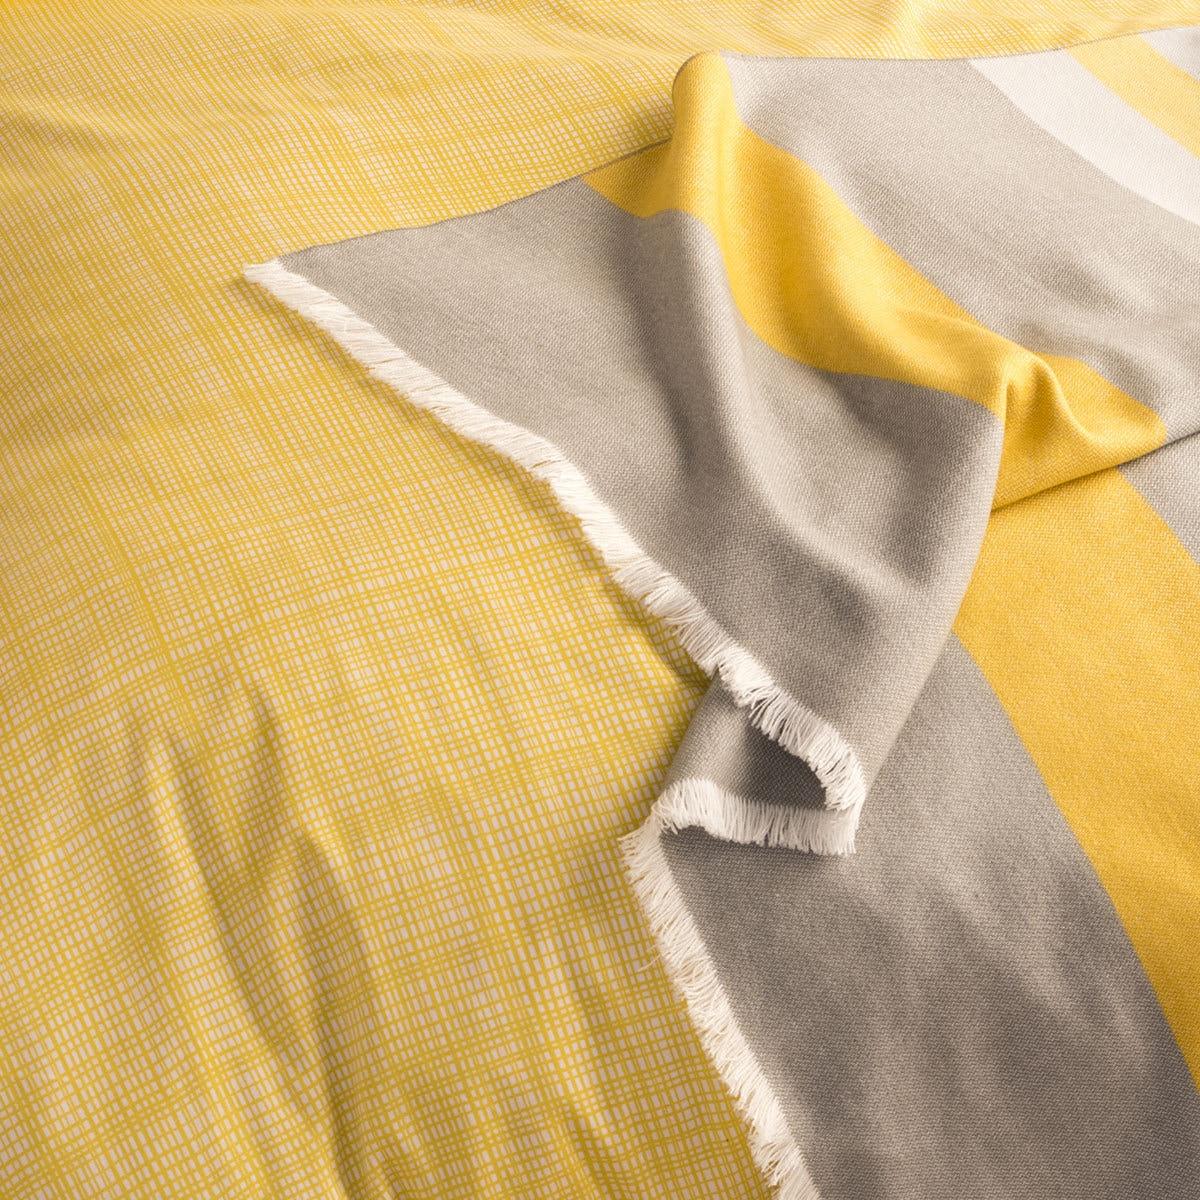 sch ner wohnen mako satin bettw sche web gelb grau g nstig online kaufen bei bettwaren shop. Black Bedroom Furniture Sets. Home Design Ideas